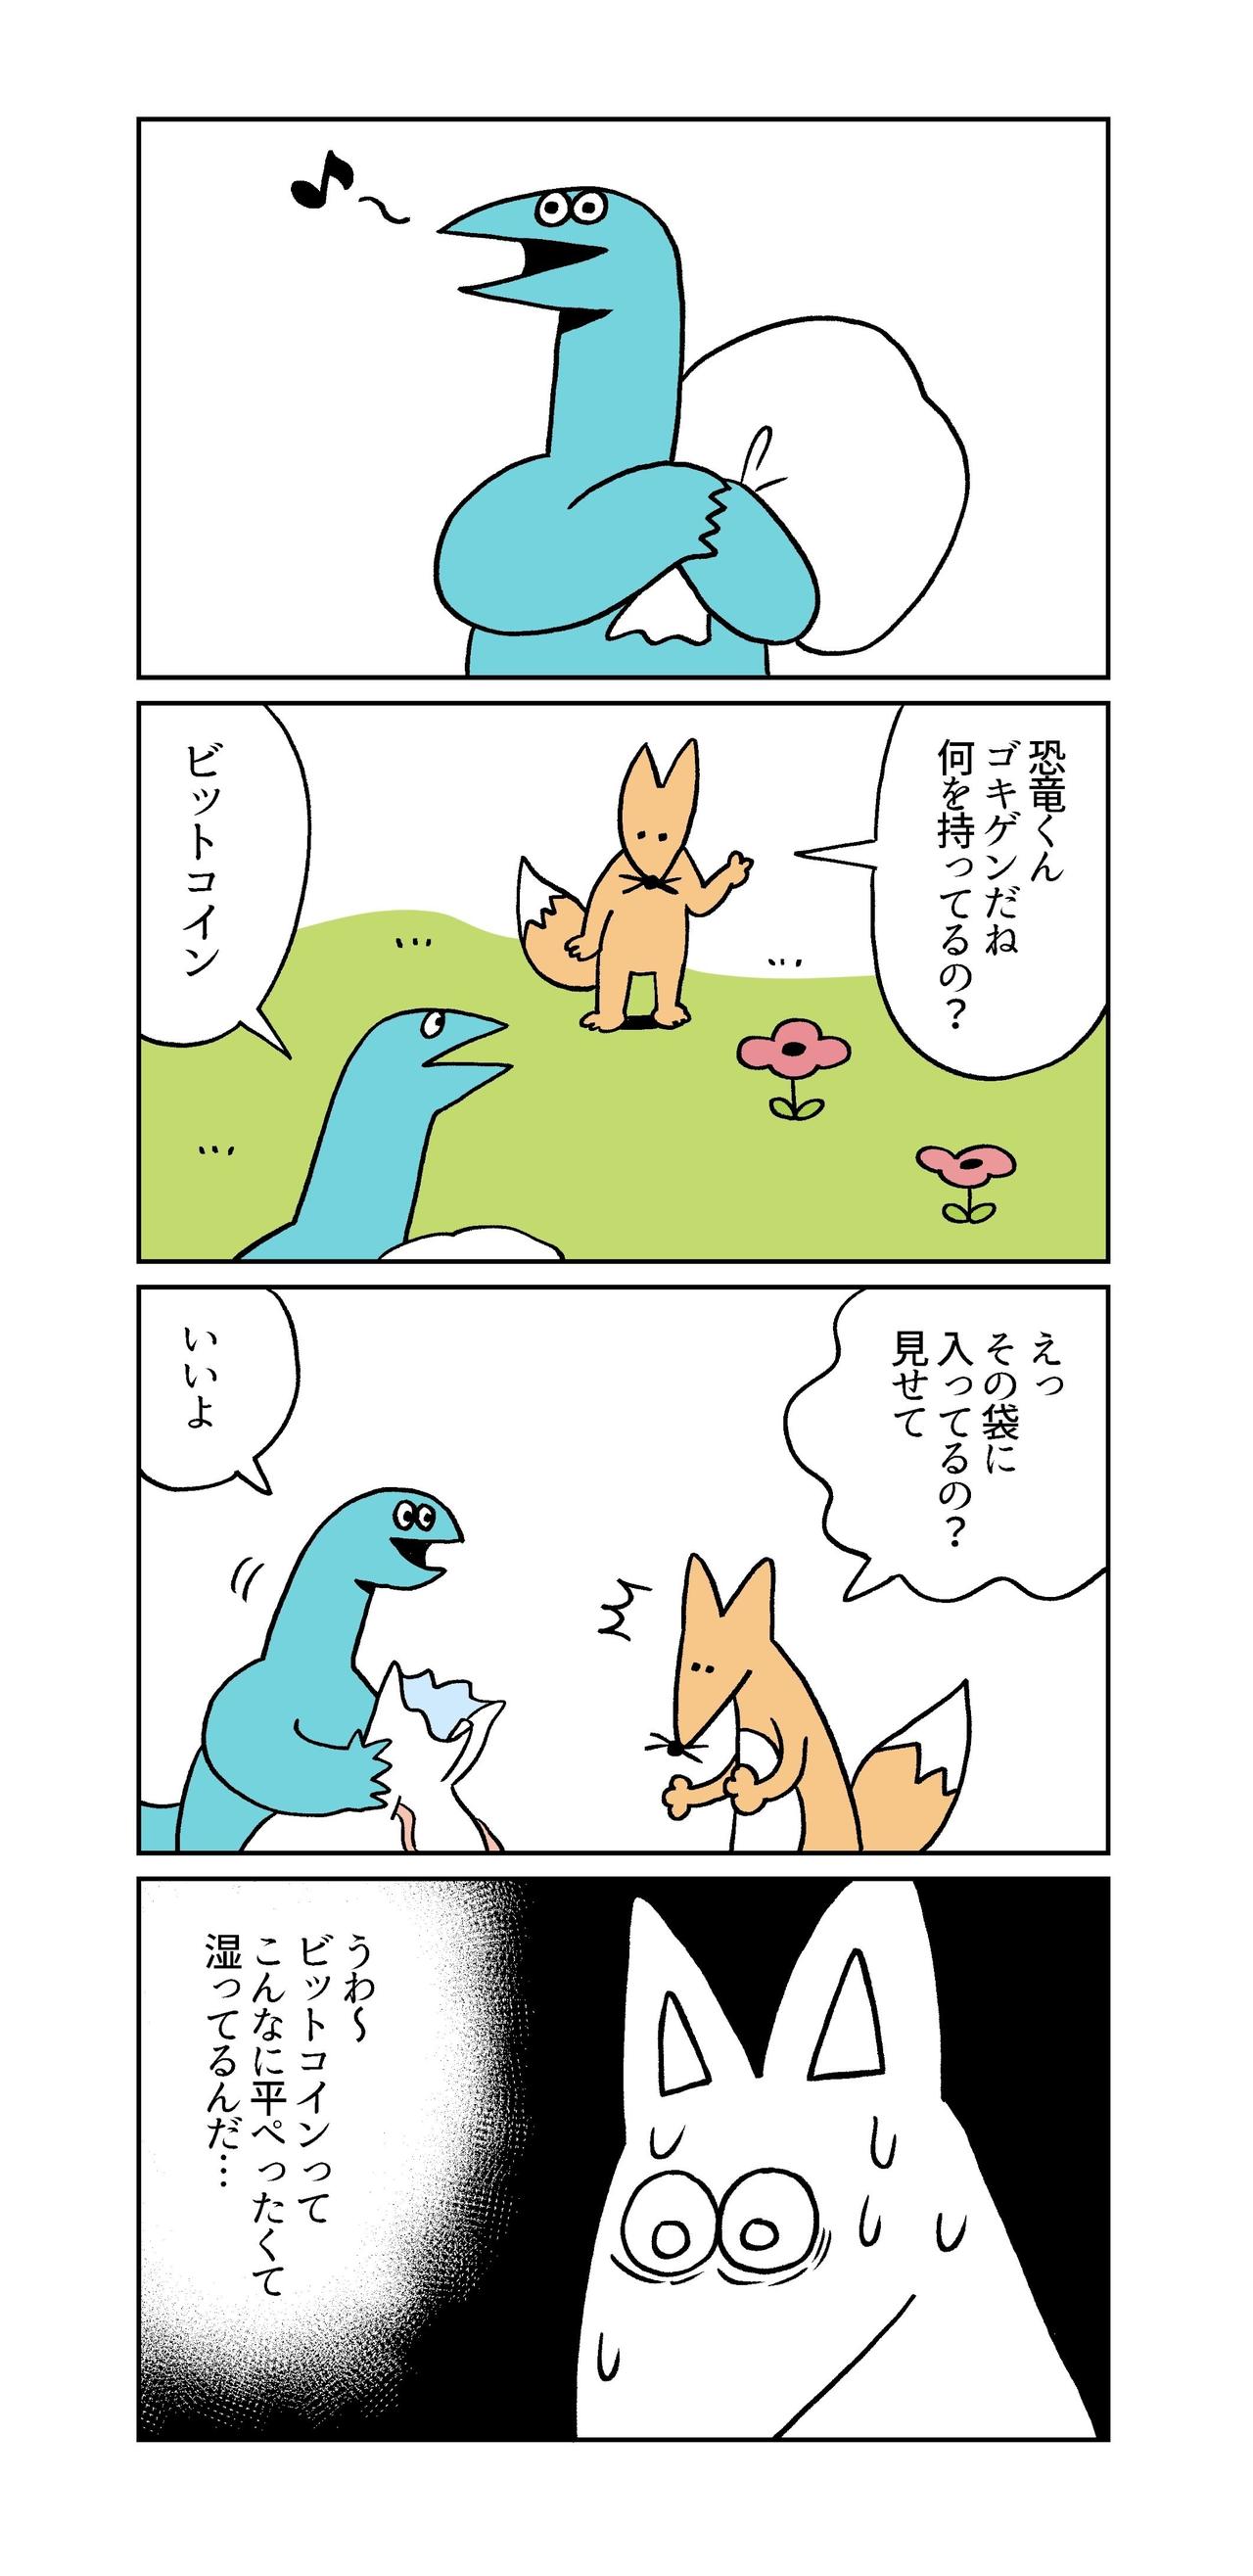 ビットコインの正体?! トミムラコタ 1990年生まれ イラストレーター/漫画家